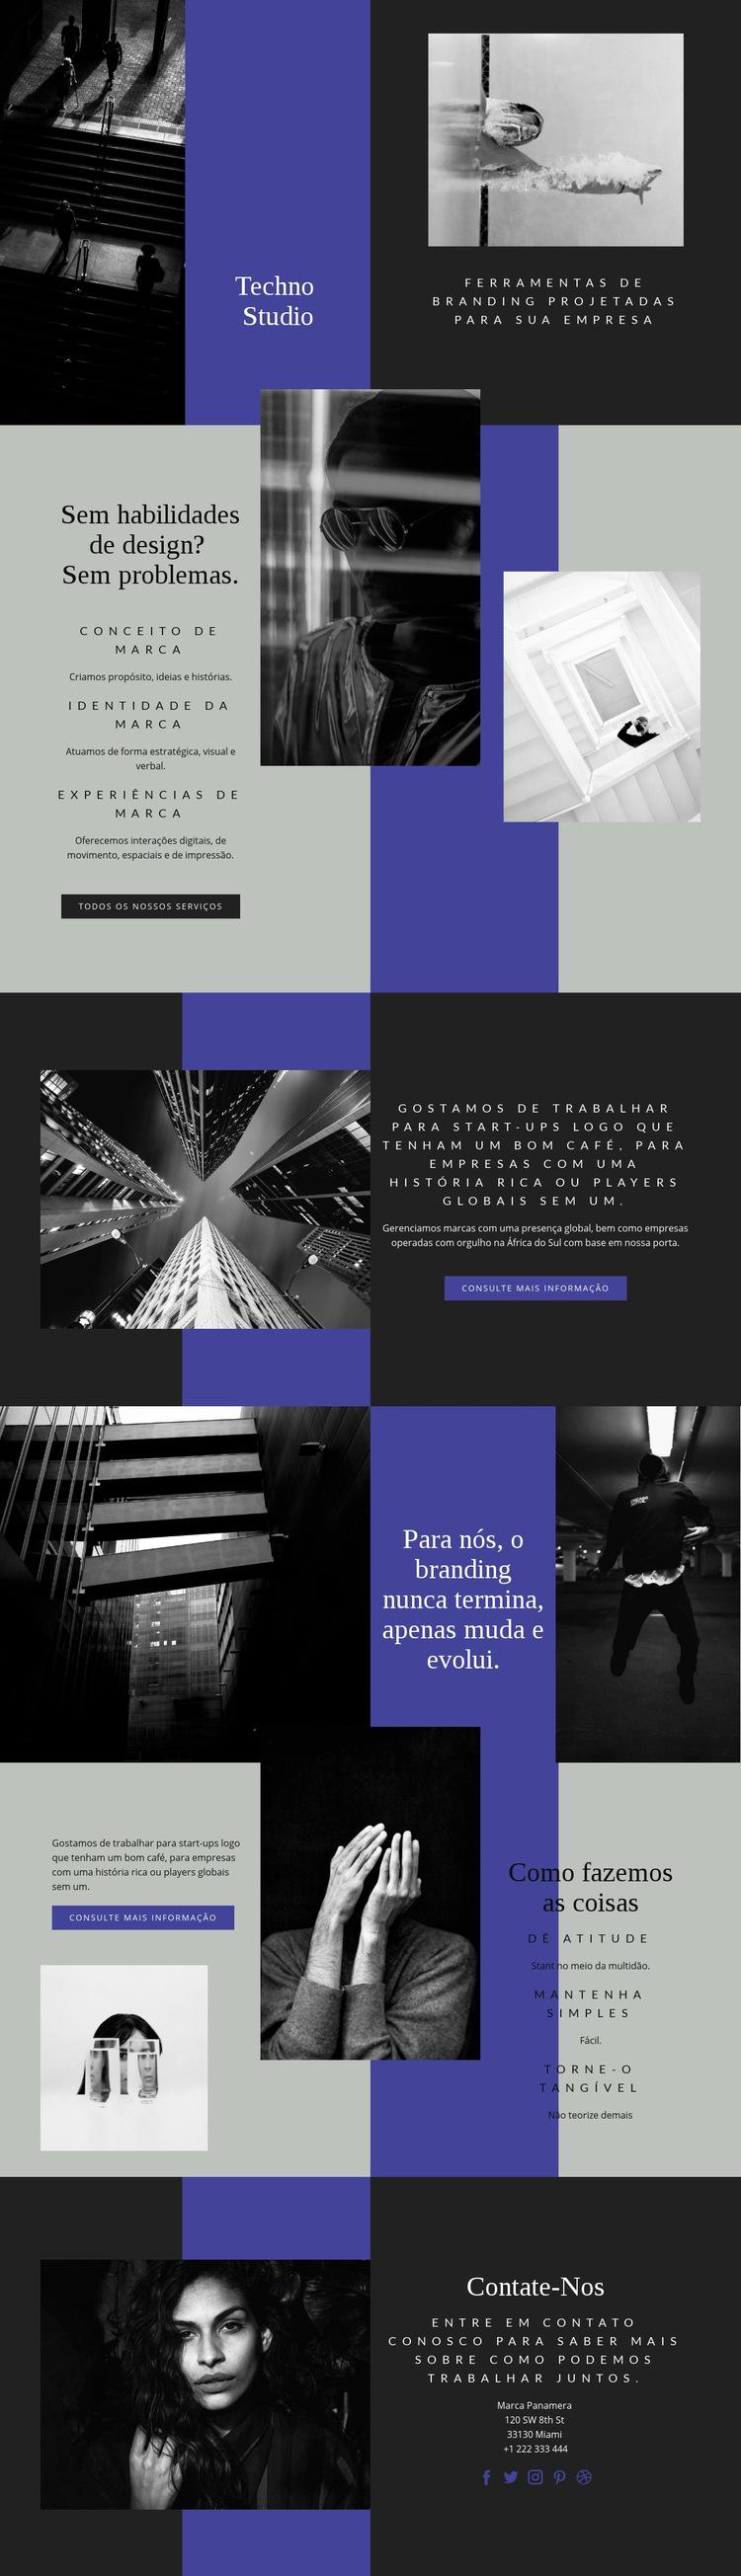 Habilidades tecnológicas nos negócios Modelo de site